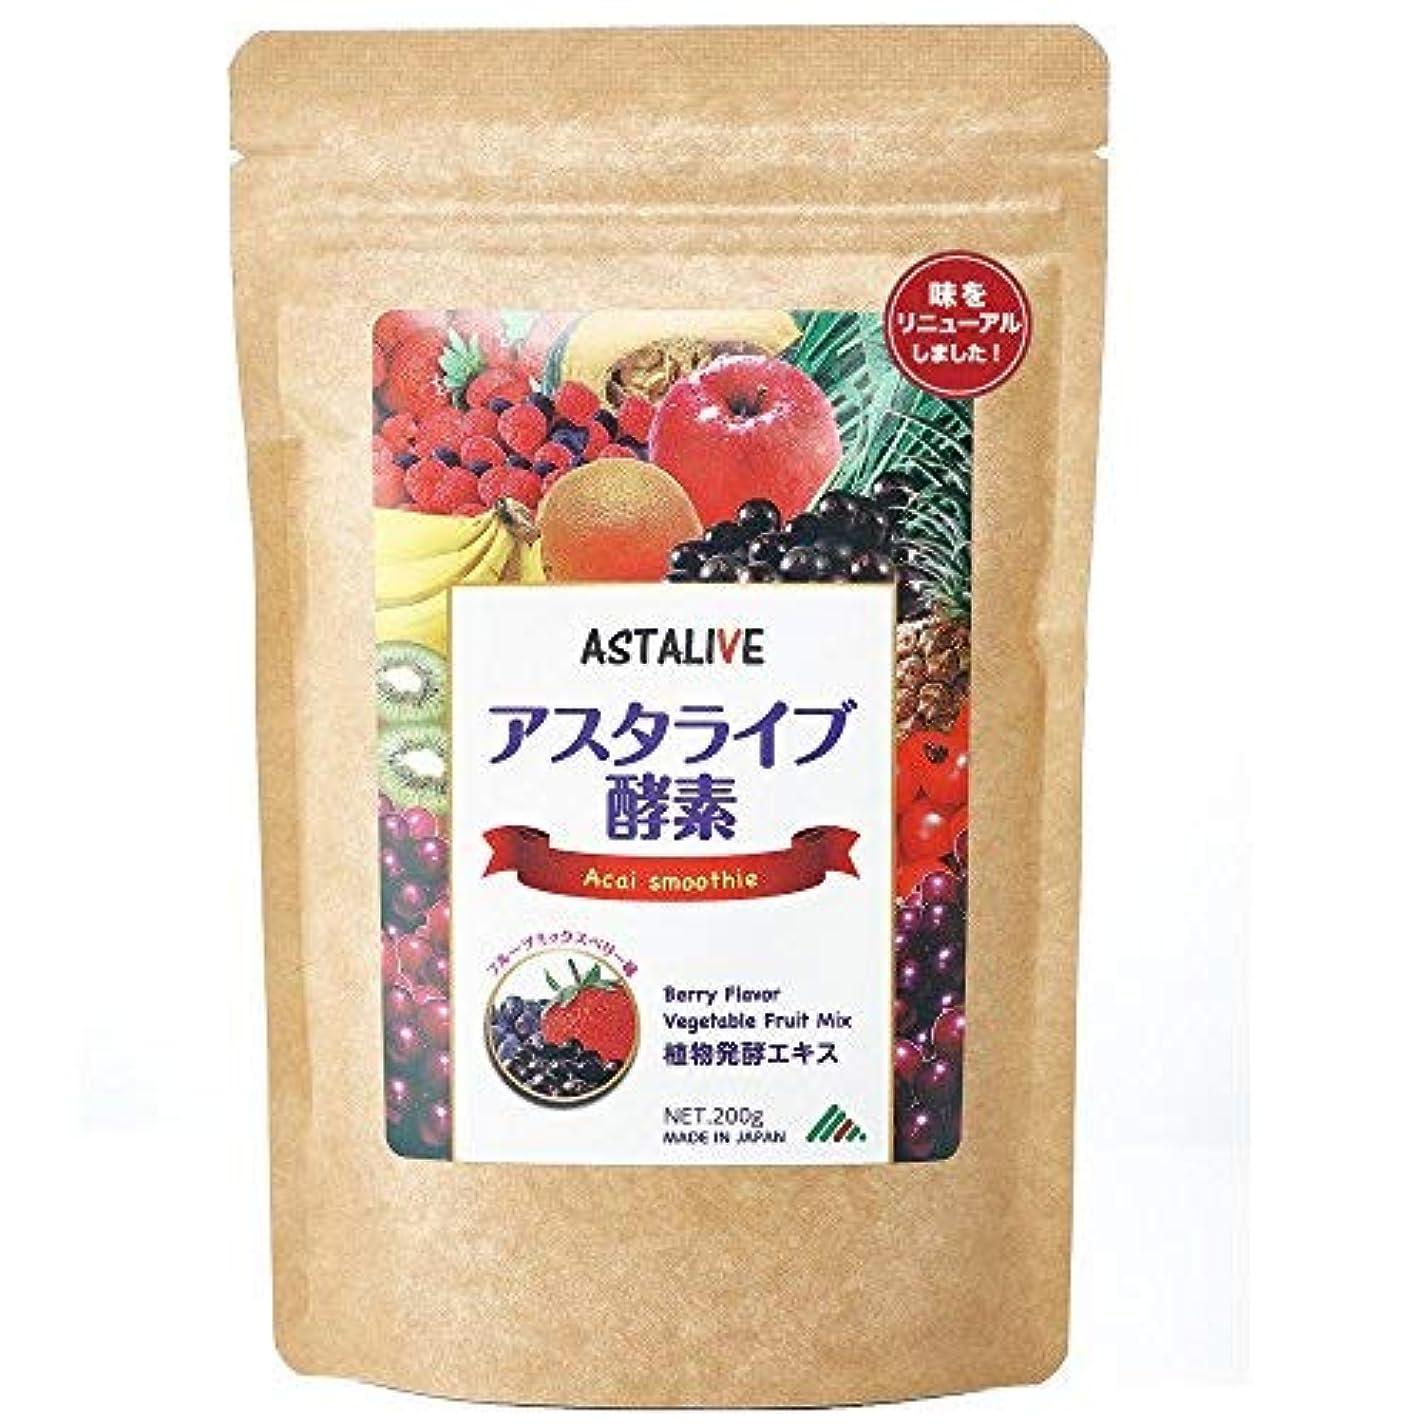 山大西洋守るASTALIVE(アスタライブ) 酵素 スムージー チアシード 乳酸菌 麹菌 入り フルーツミックスベリー味 200g (1)